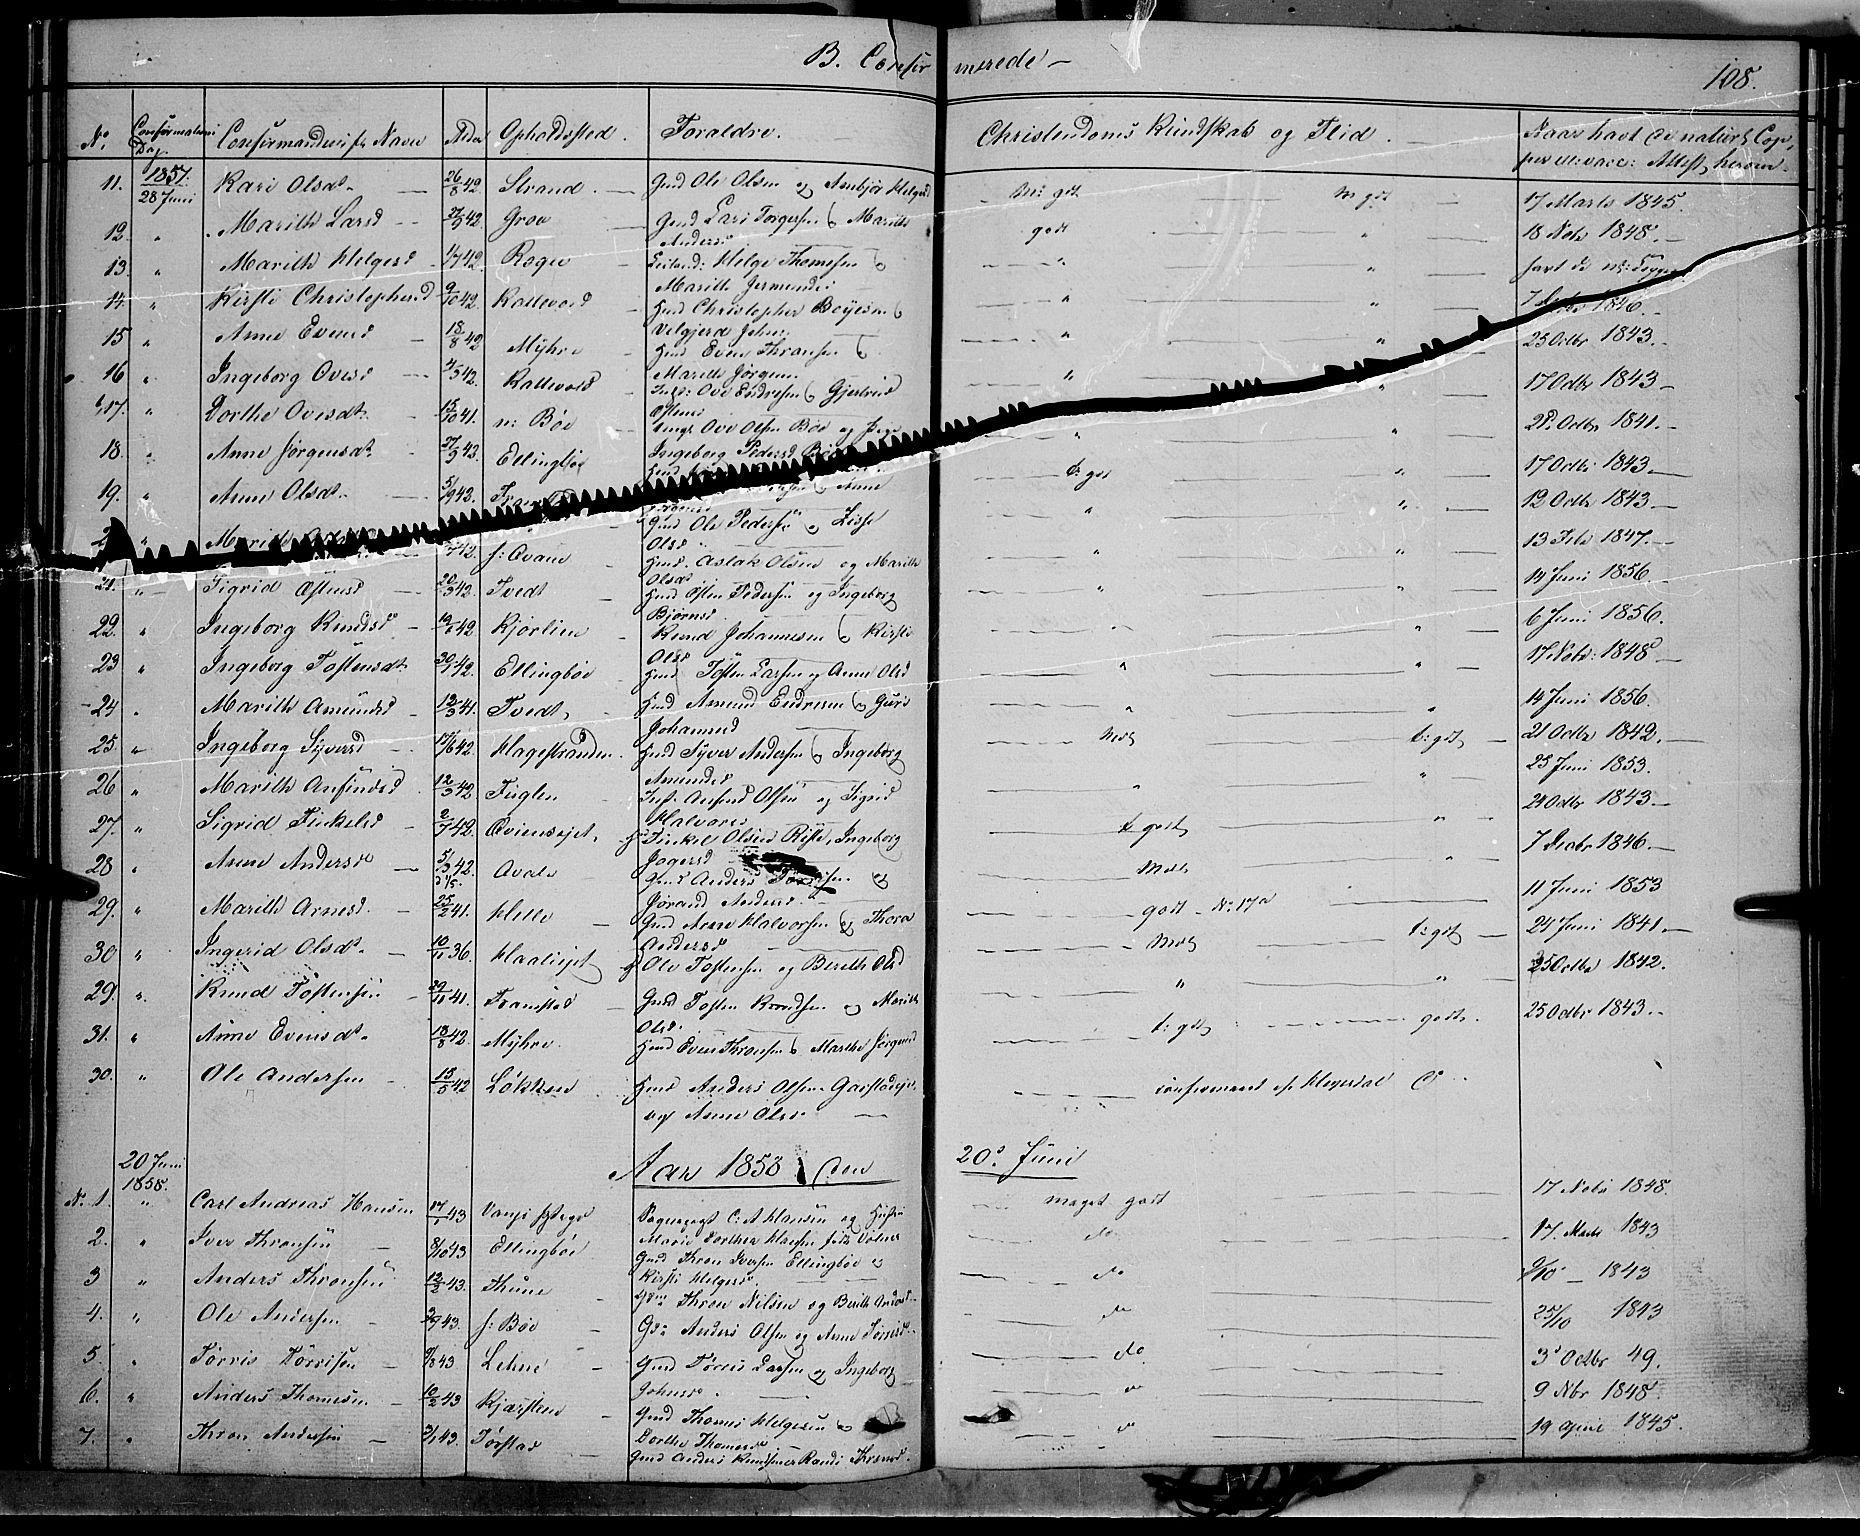 SAH, Vang prestekontor, Valdres, Ministerialbok nr. 6, 1846-1864, s. 108